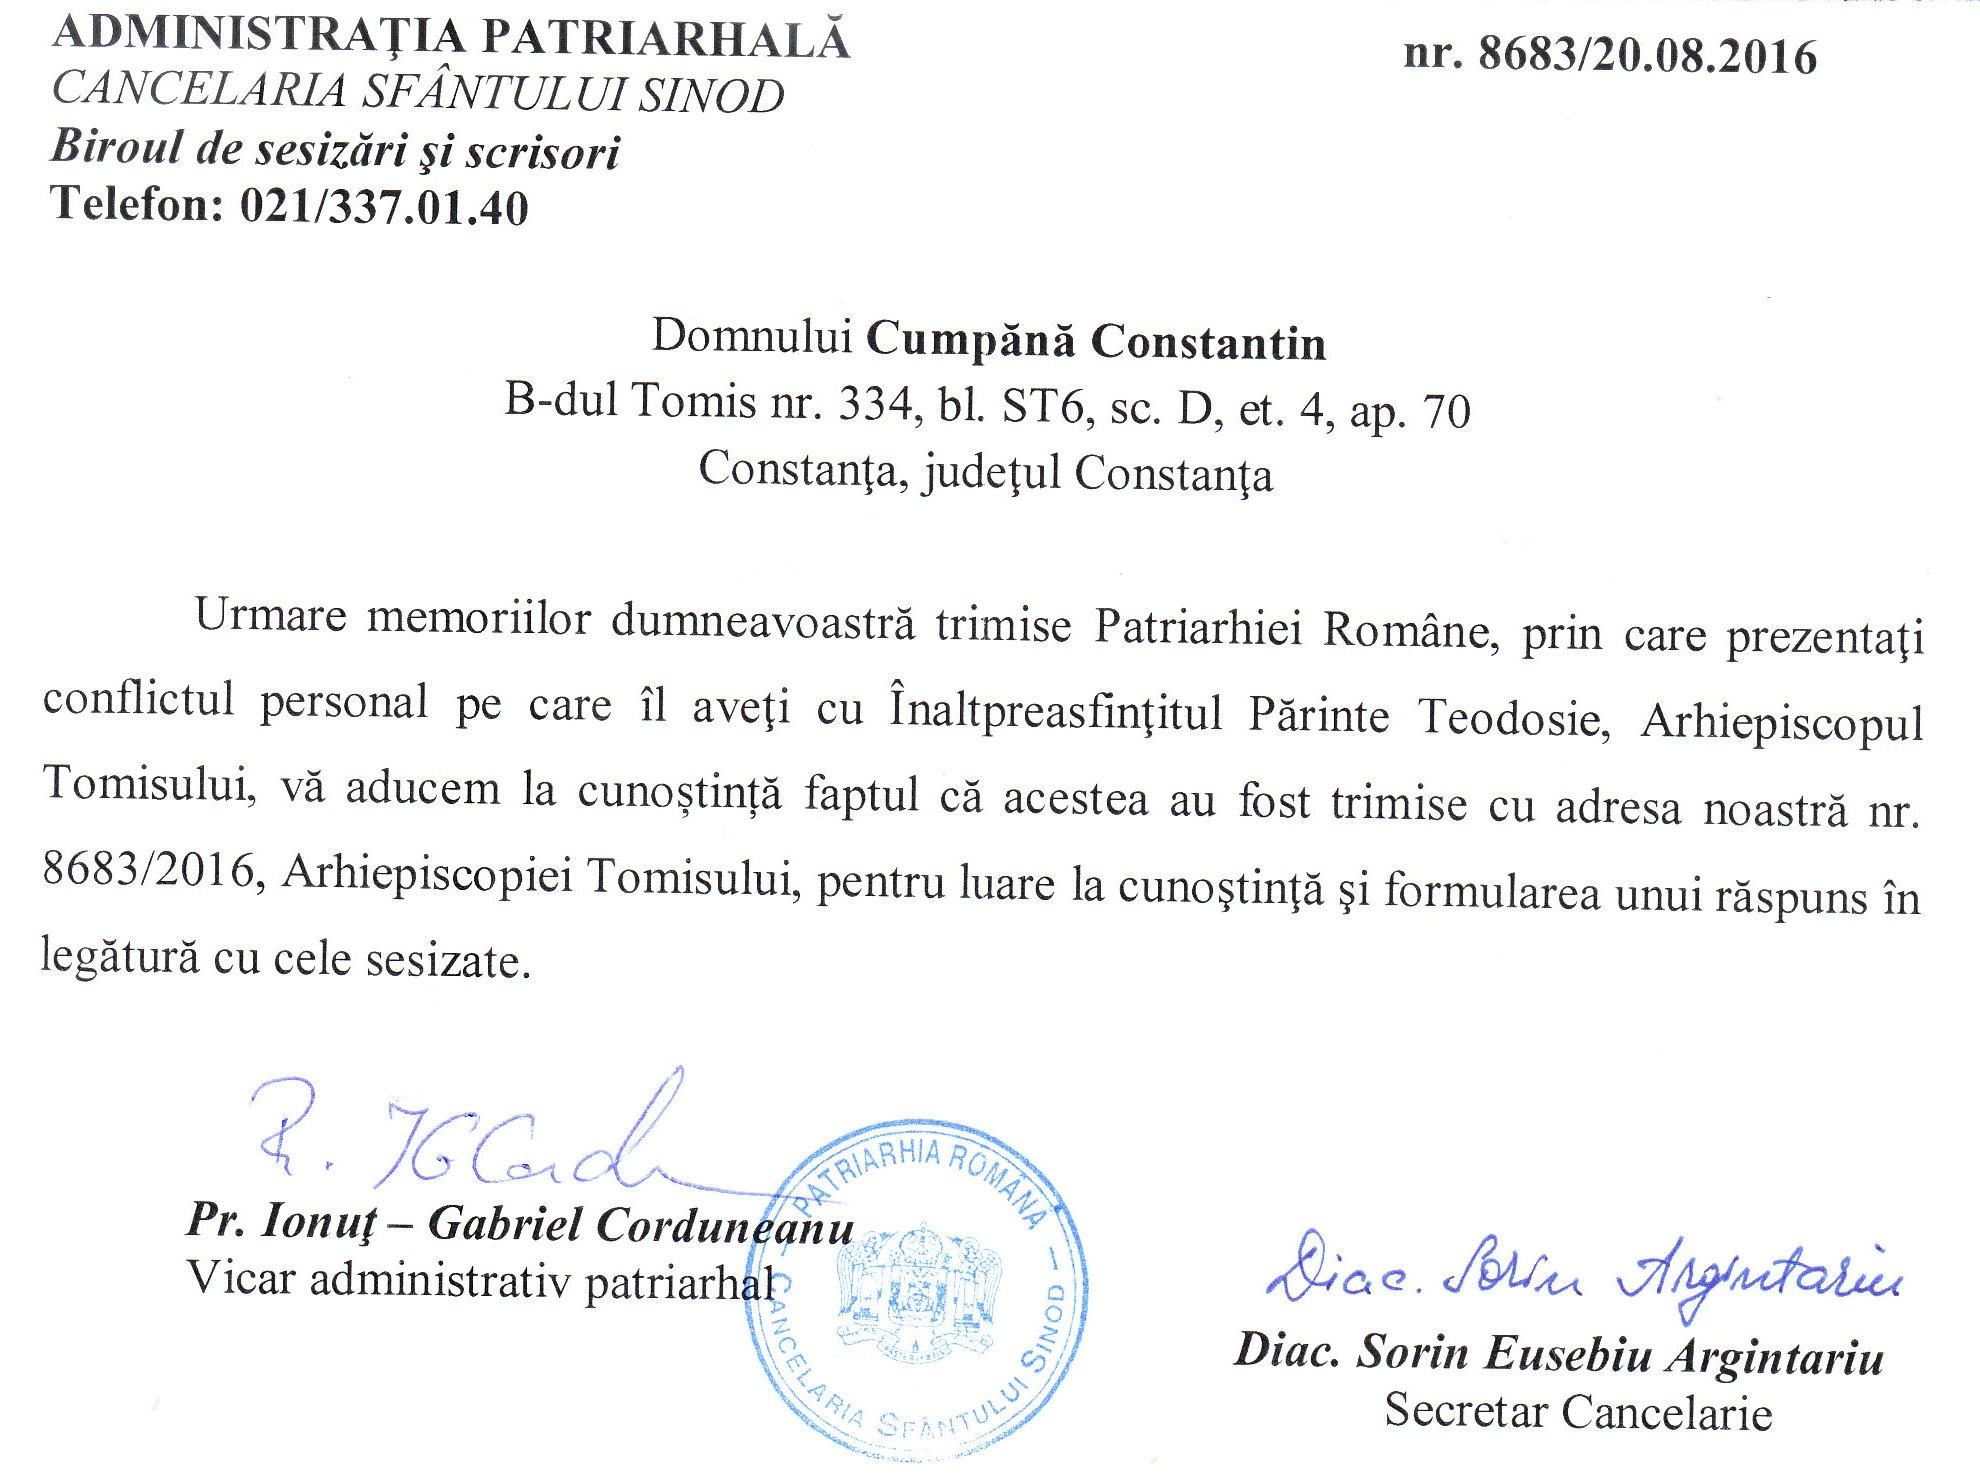 """Adresa nr. 8683 din 20 august 2016 a Patriarhiei Române, în care se menționează că între Constantin Cumpănă și ÎPS Teodosie ar exista un """"conflict personal"""" și se certifică faptul că memoriile trimise Arhiepiscopiei Tomisului vor primi """"un răspuns la cele sesizate""""."""